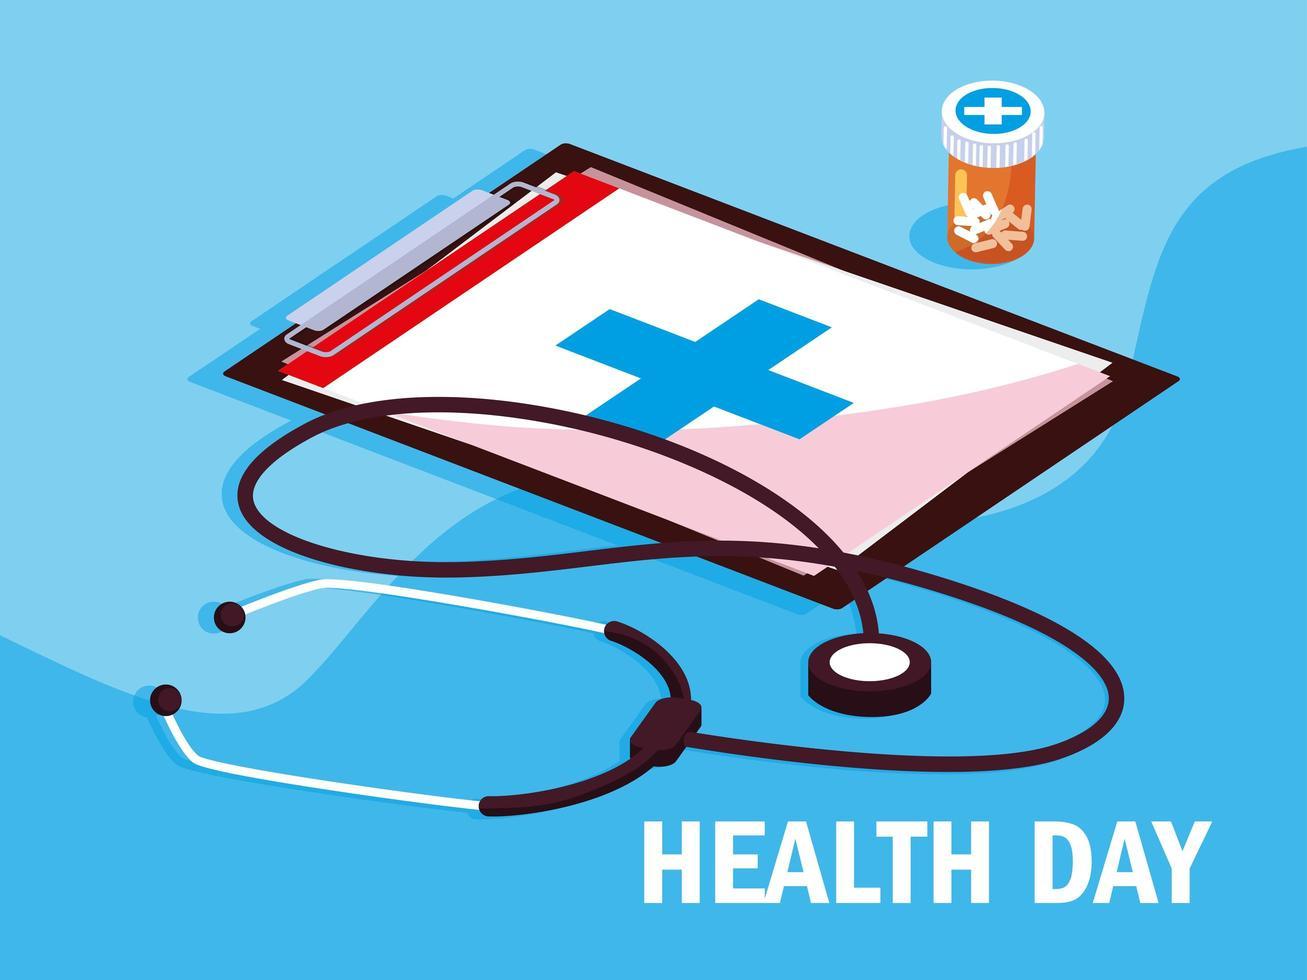 carte de la journée mondiale de la santé avec presse-papiers vecteur